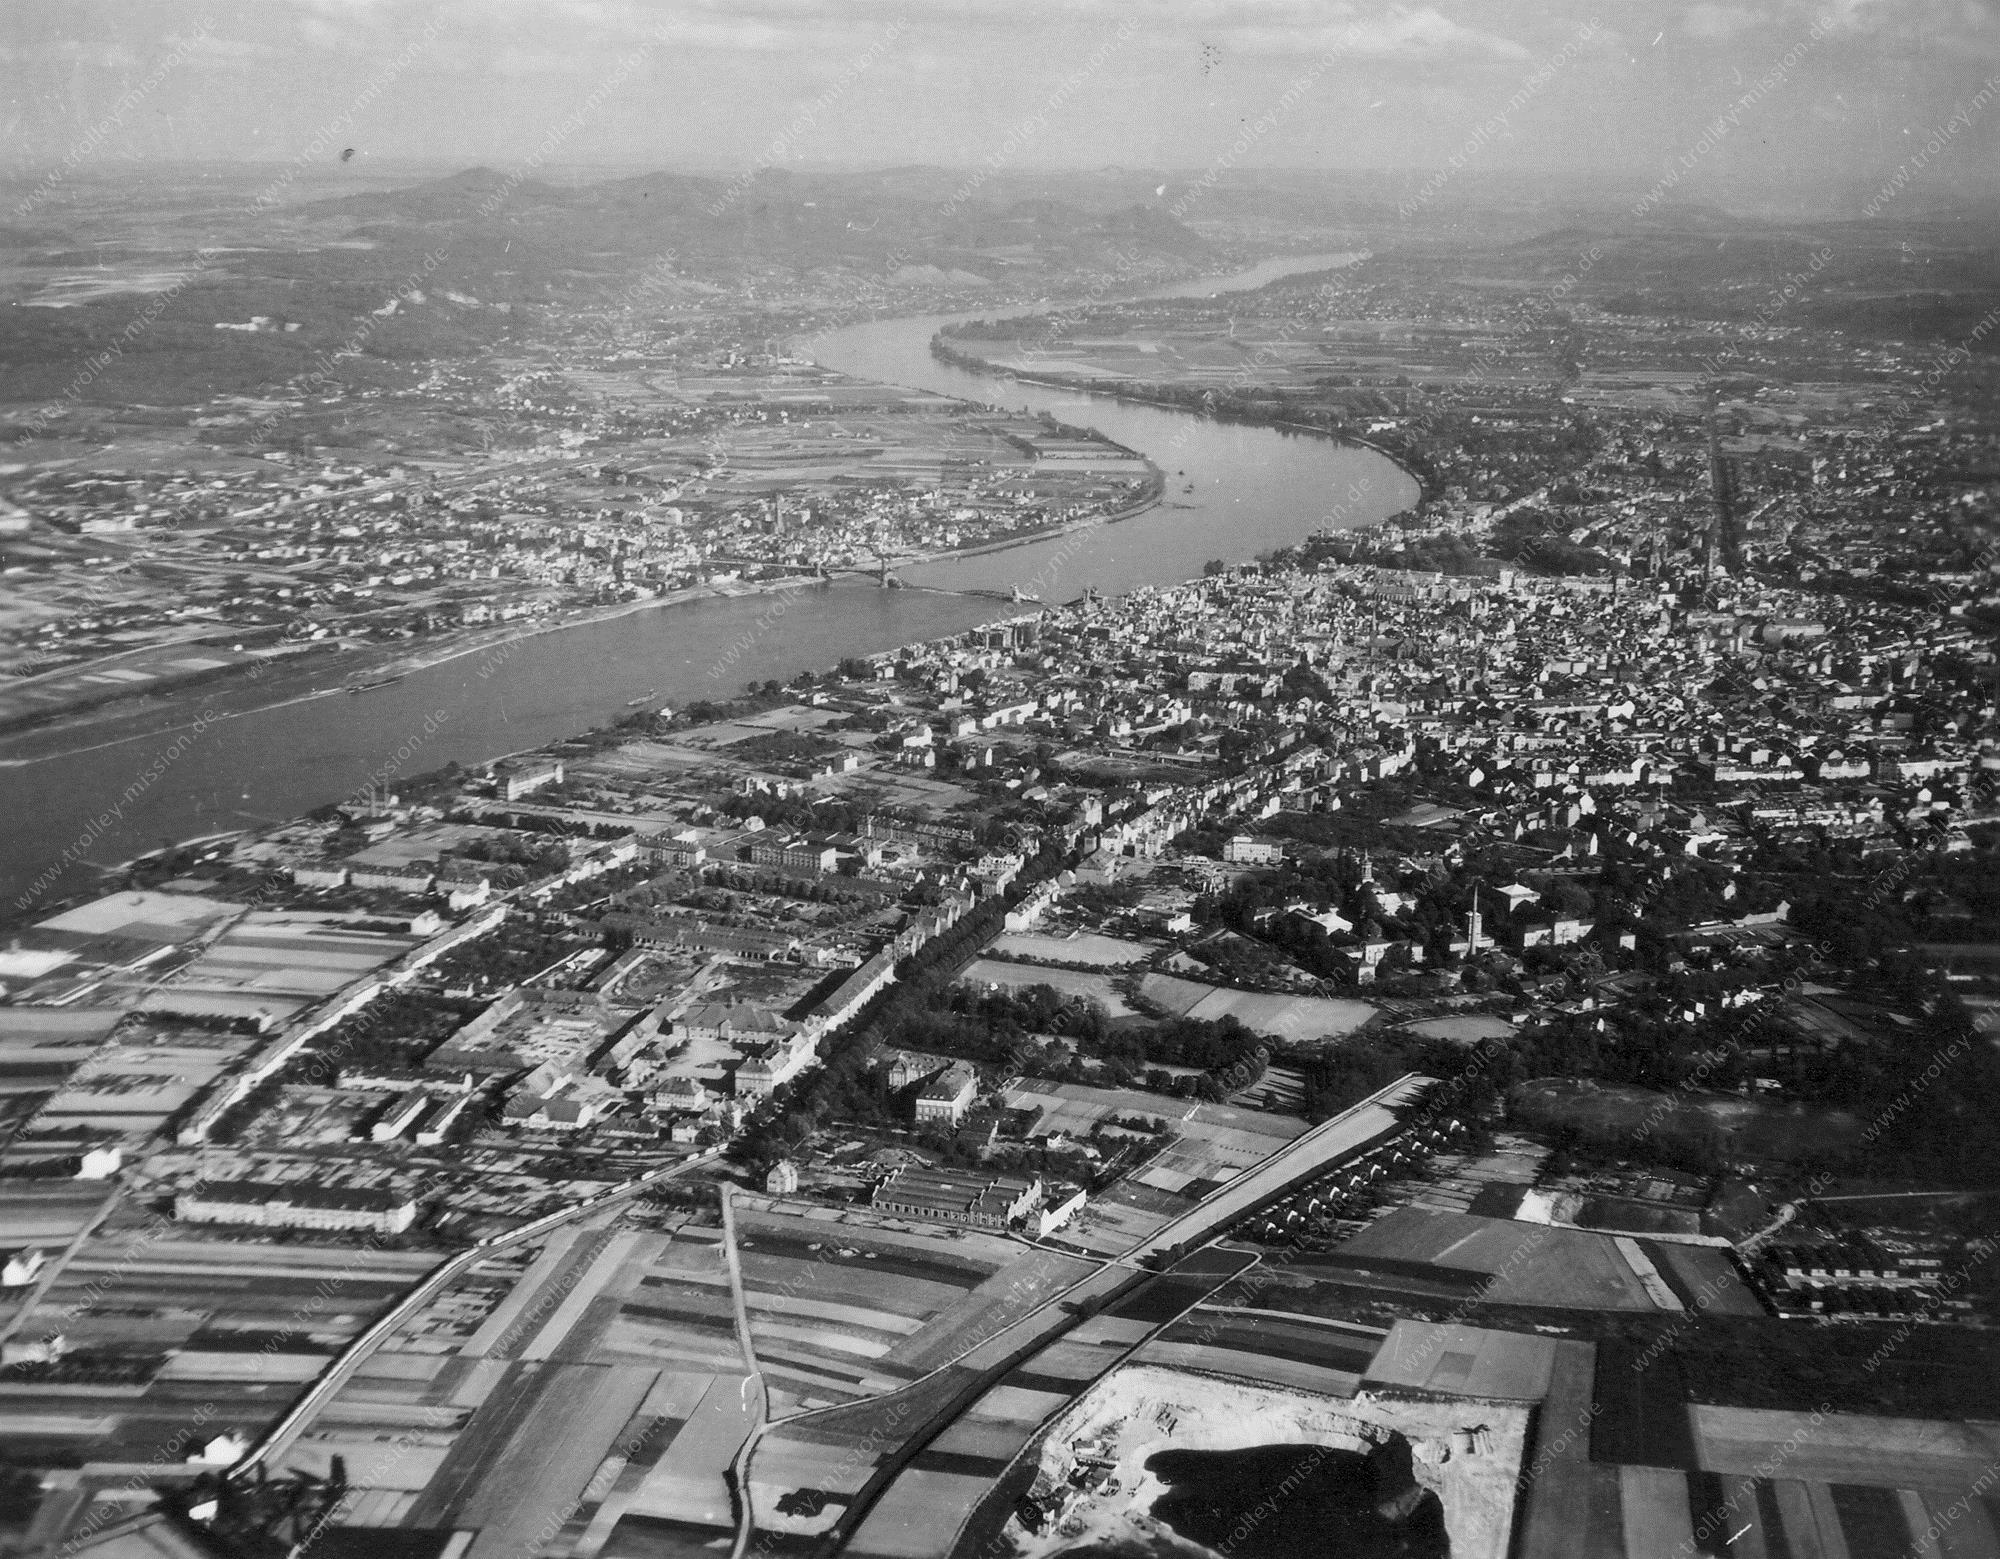 Bonn Luftbild mit Blick auf das Siebengebirge